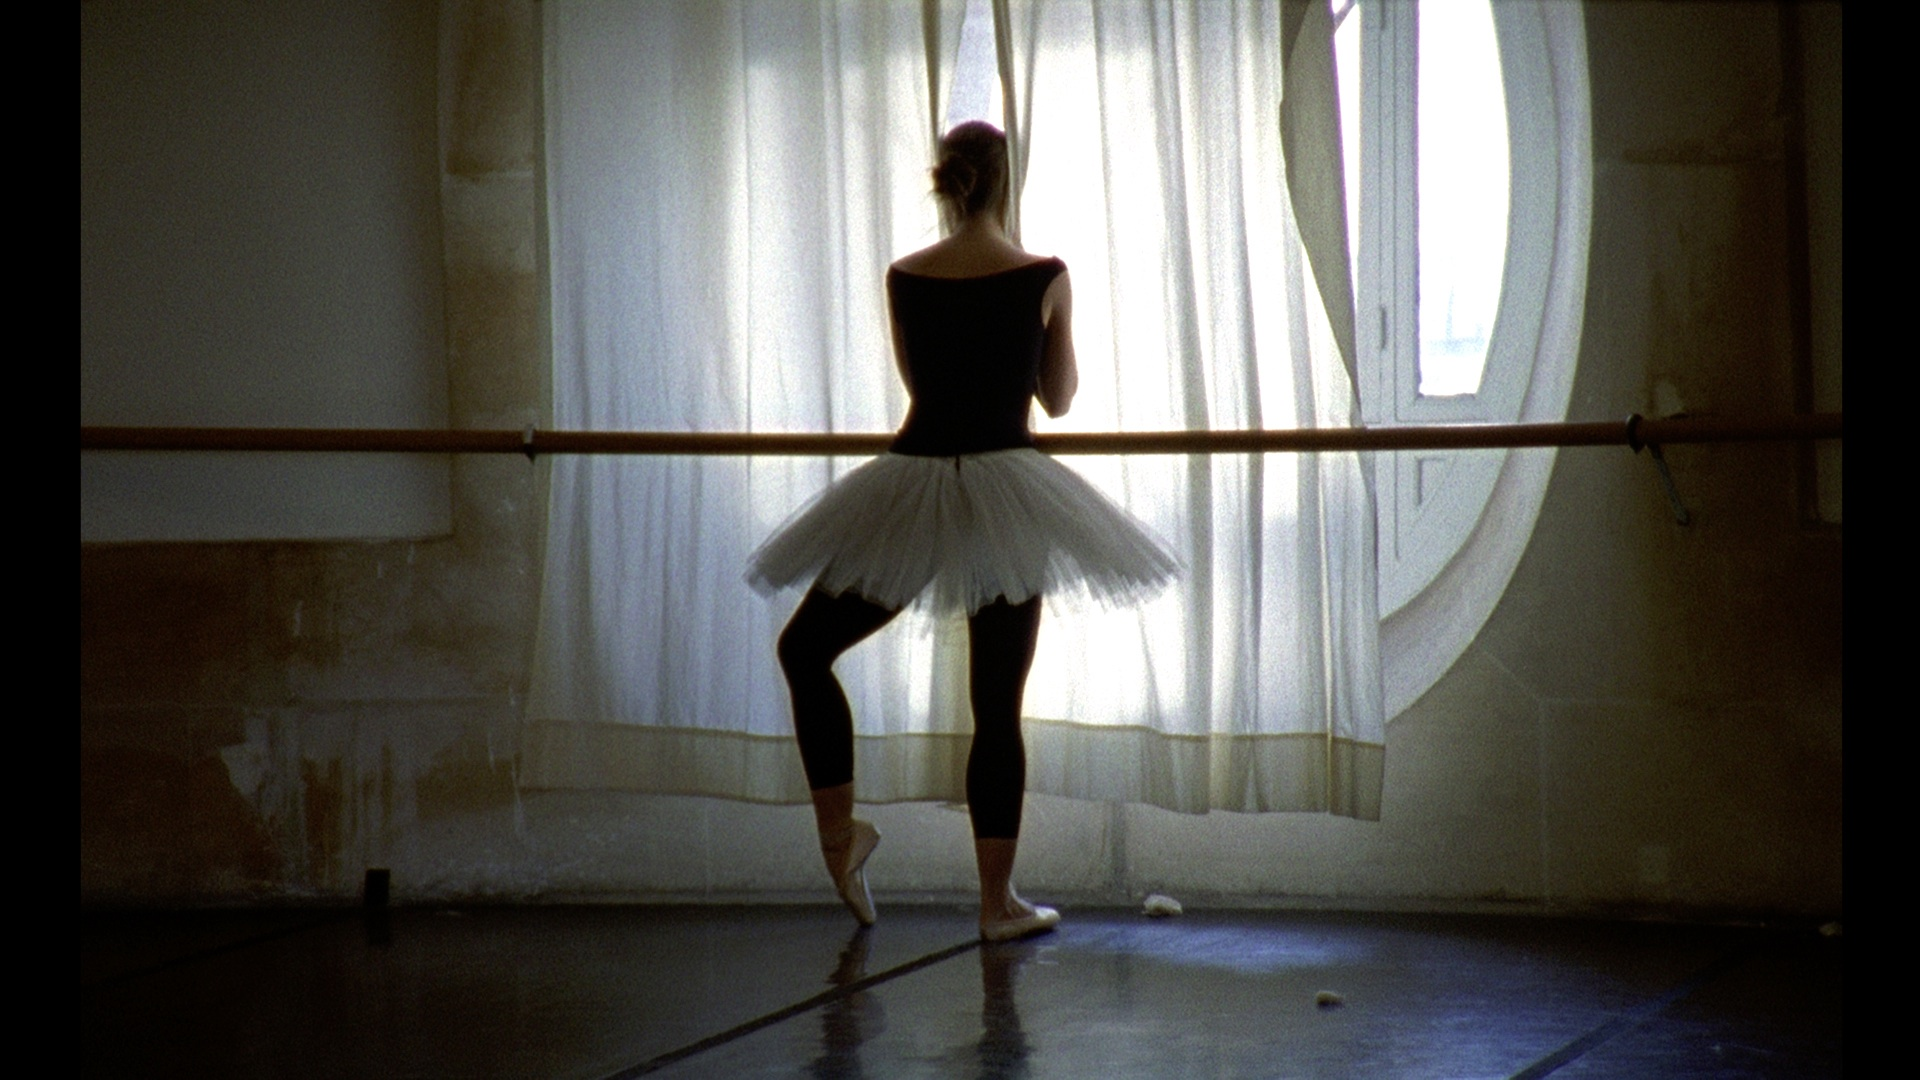 La-Danse-still-1